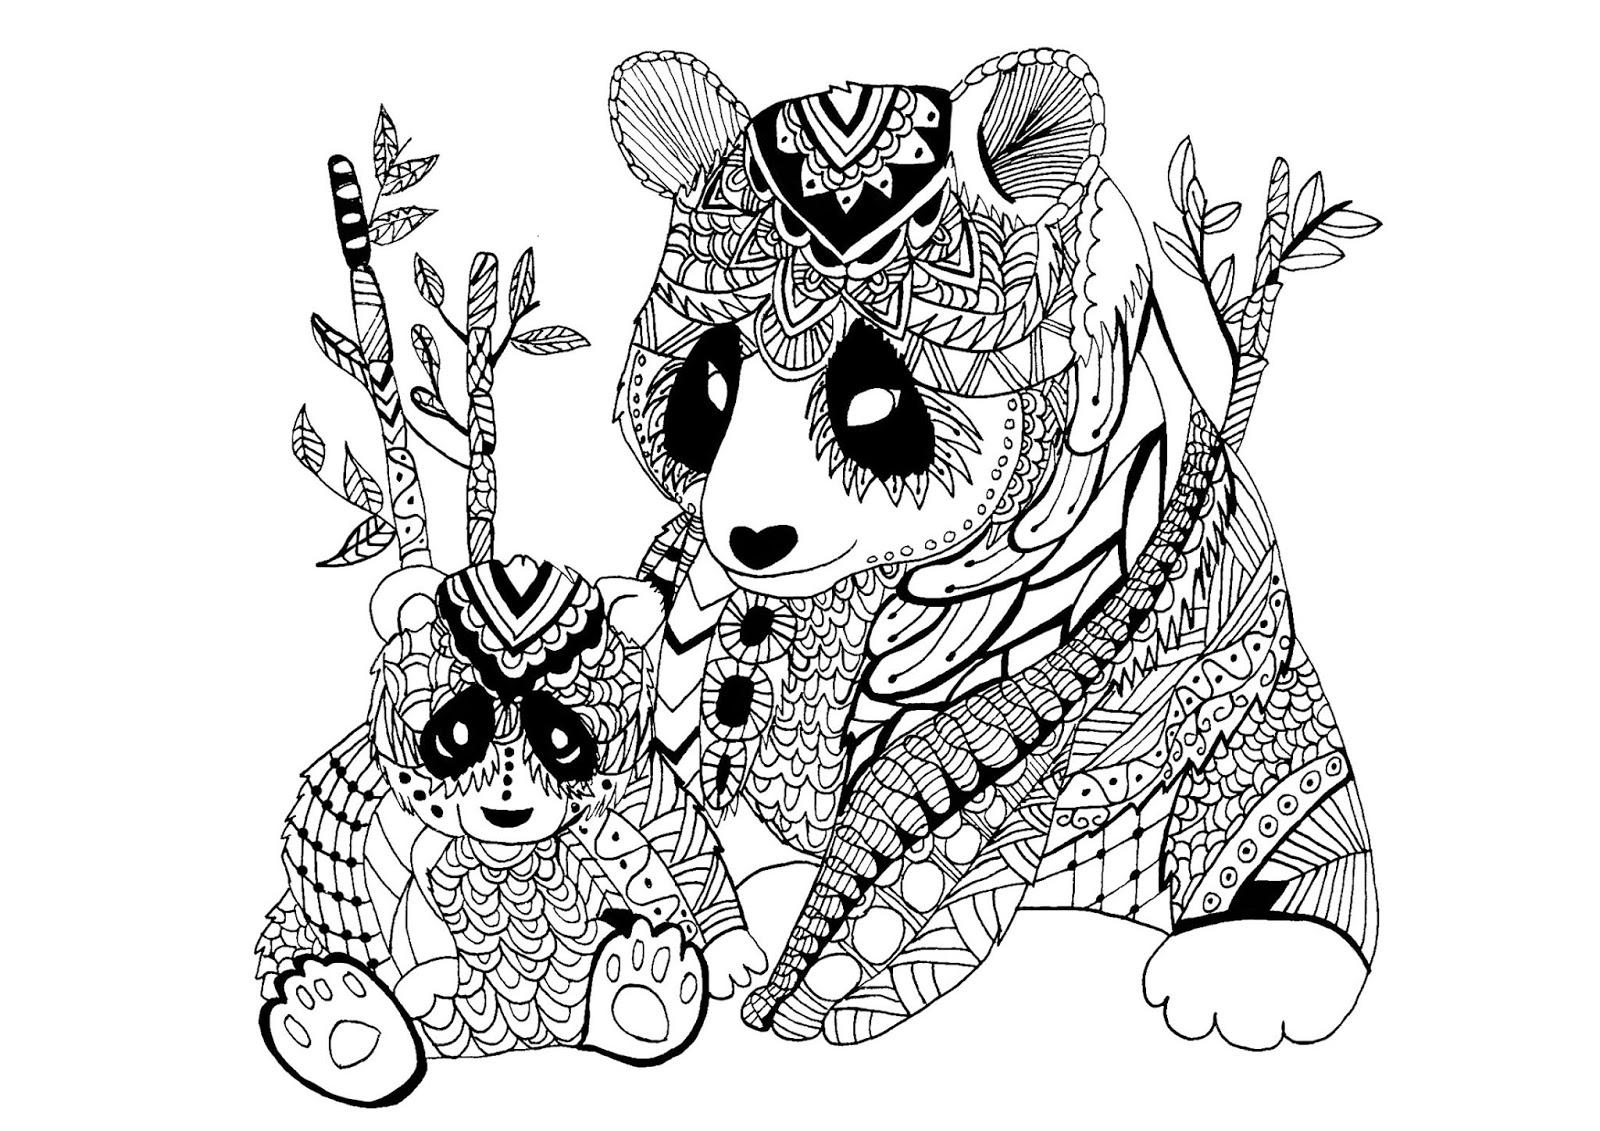 Tranh tô màu hai mẹ con gấu trúc trang trí